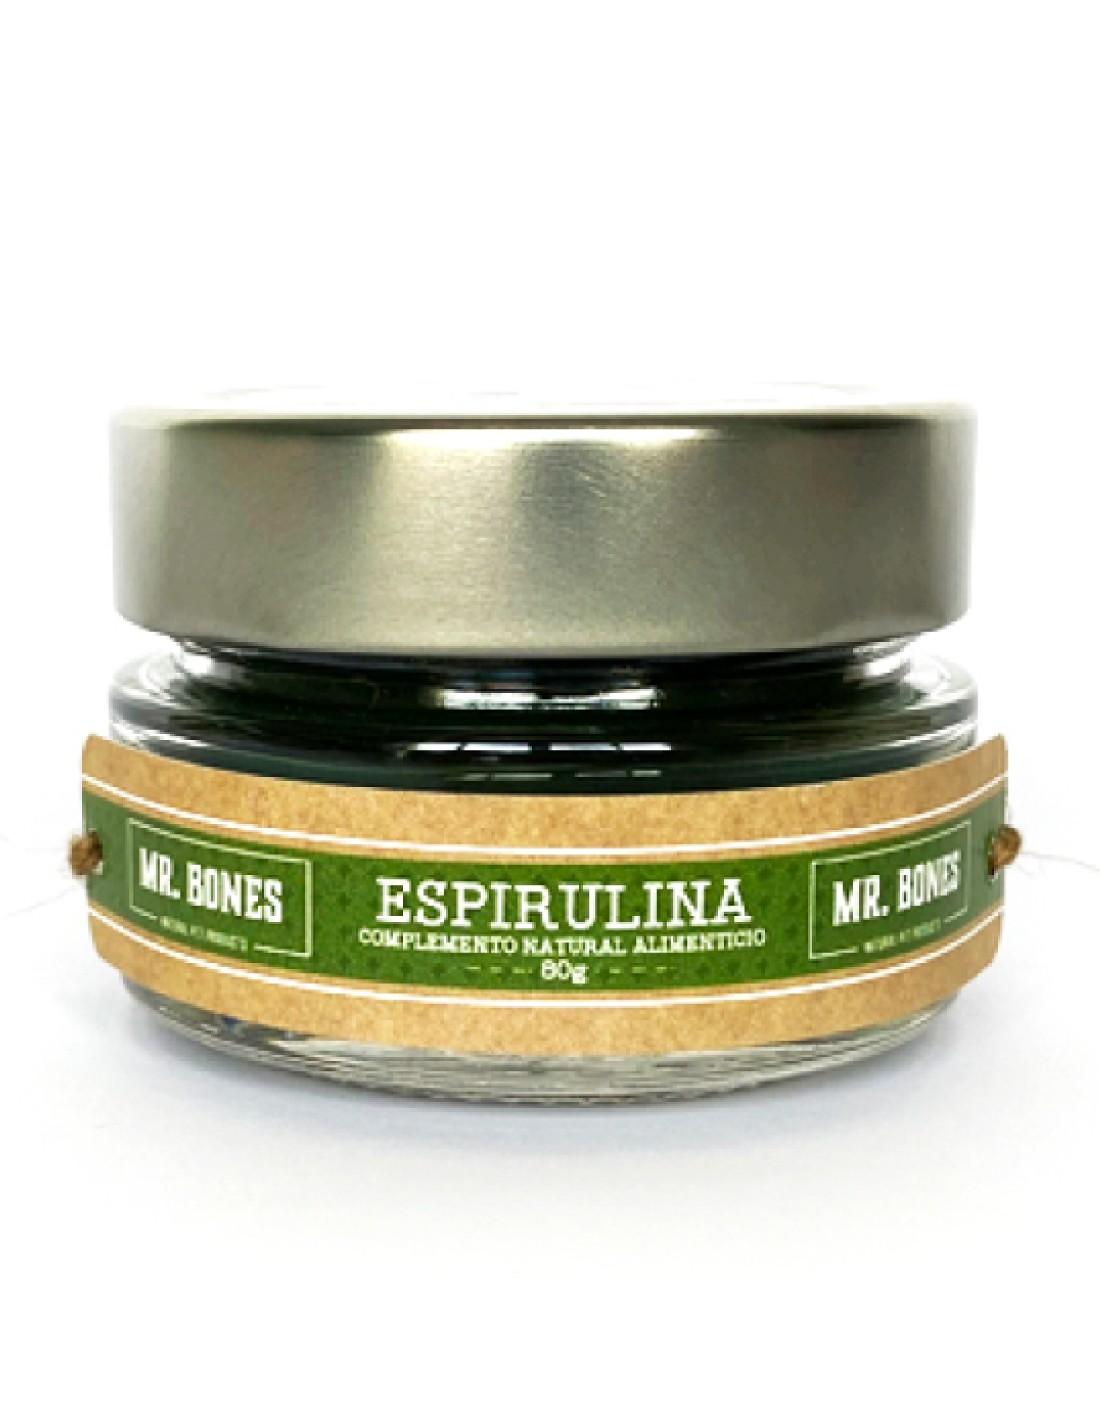 Espirulina Deshidratada en Polvo 80g - Suplemento Natural